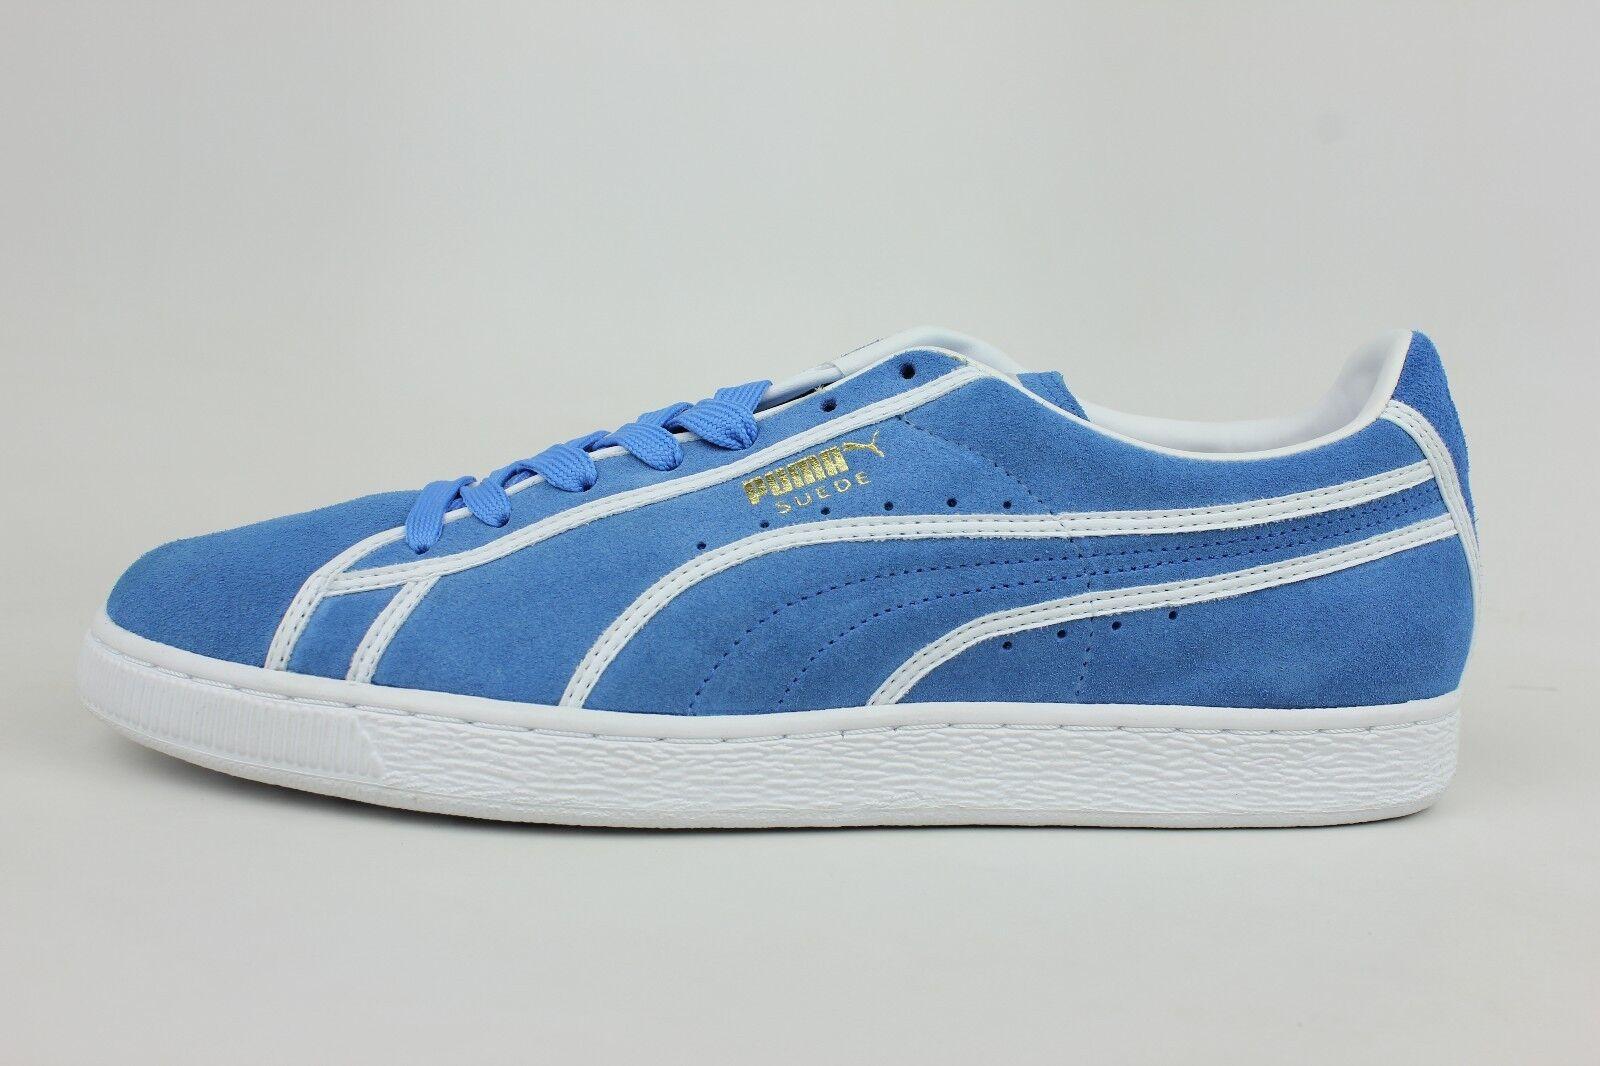 Puma Suede Courtside Binding Campanula Blue Mens Retro Shoes 357783-02 1705-16